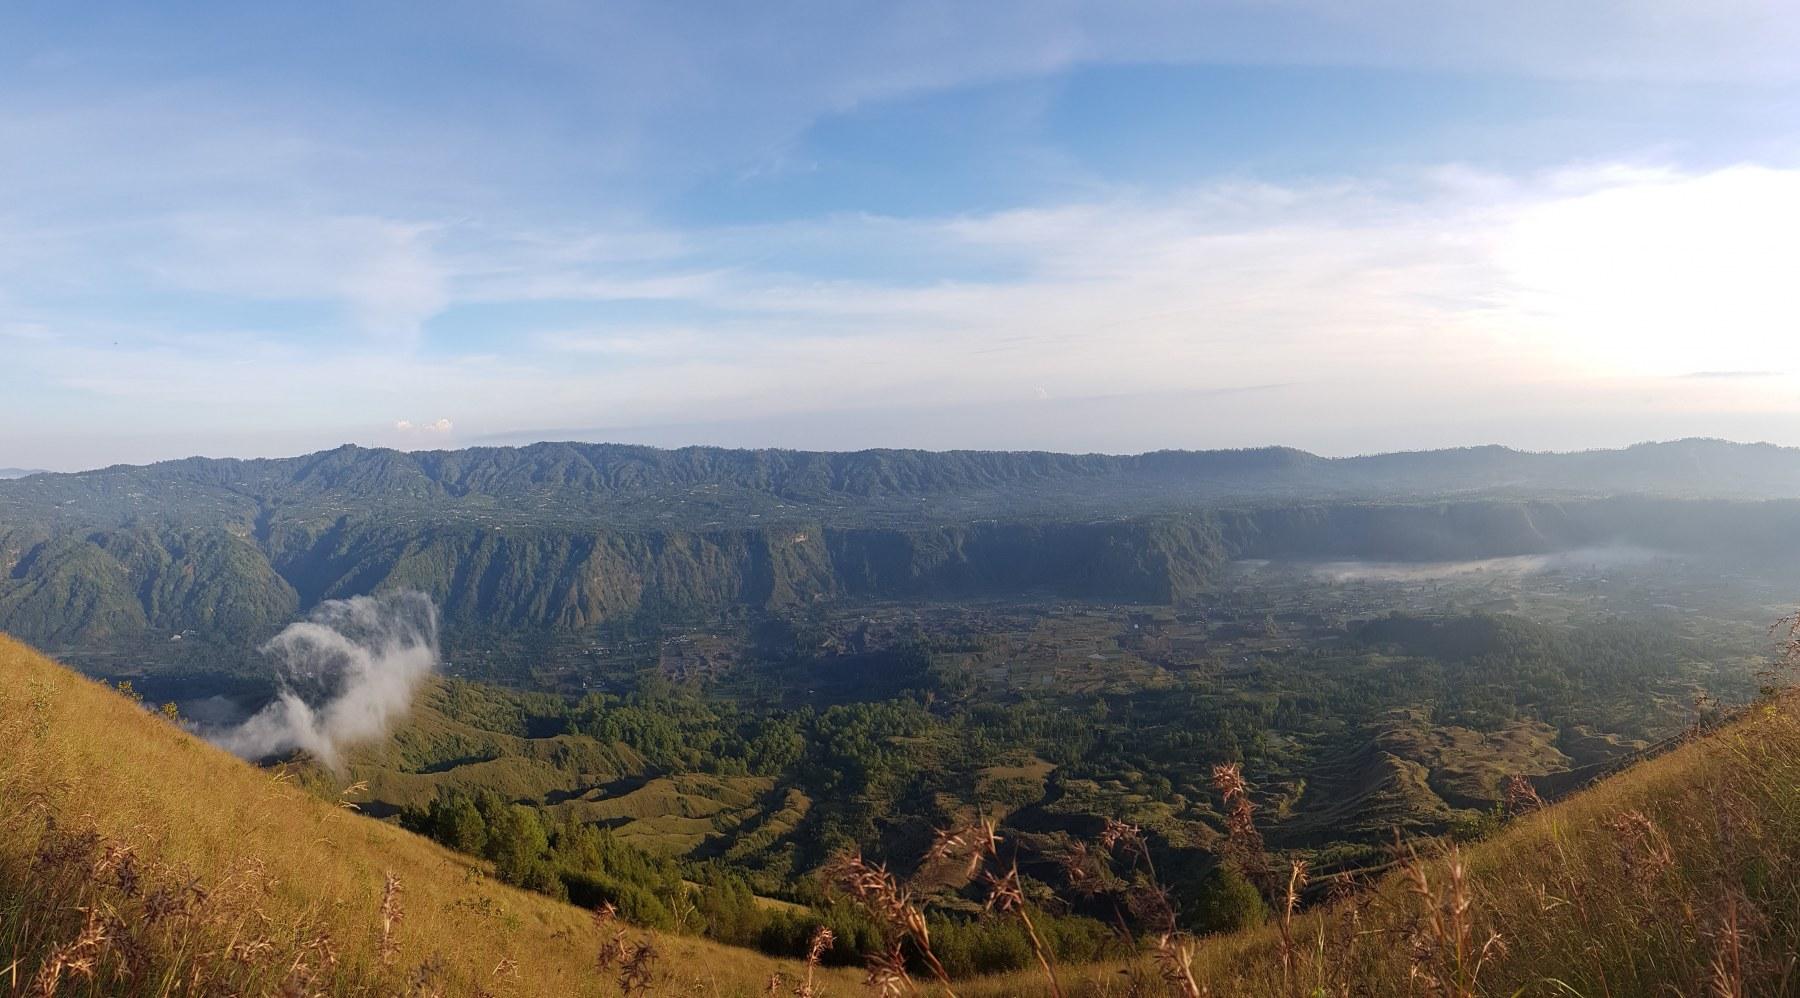 Pohled do sopečného kráteru s aktivním fumarolem